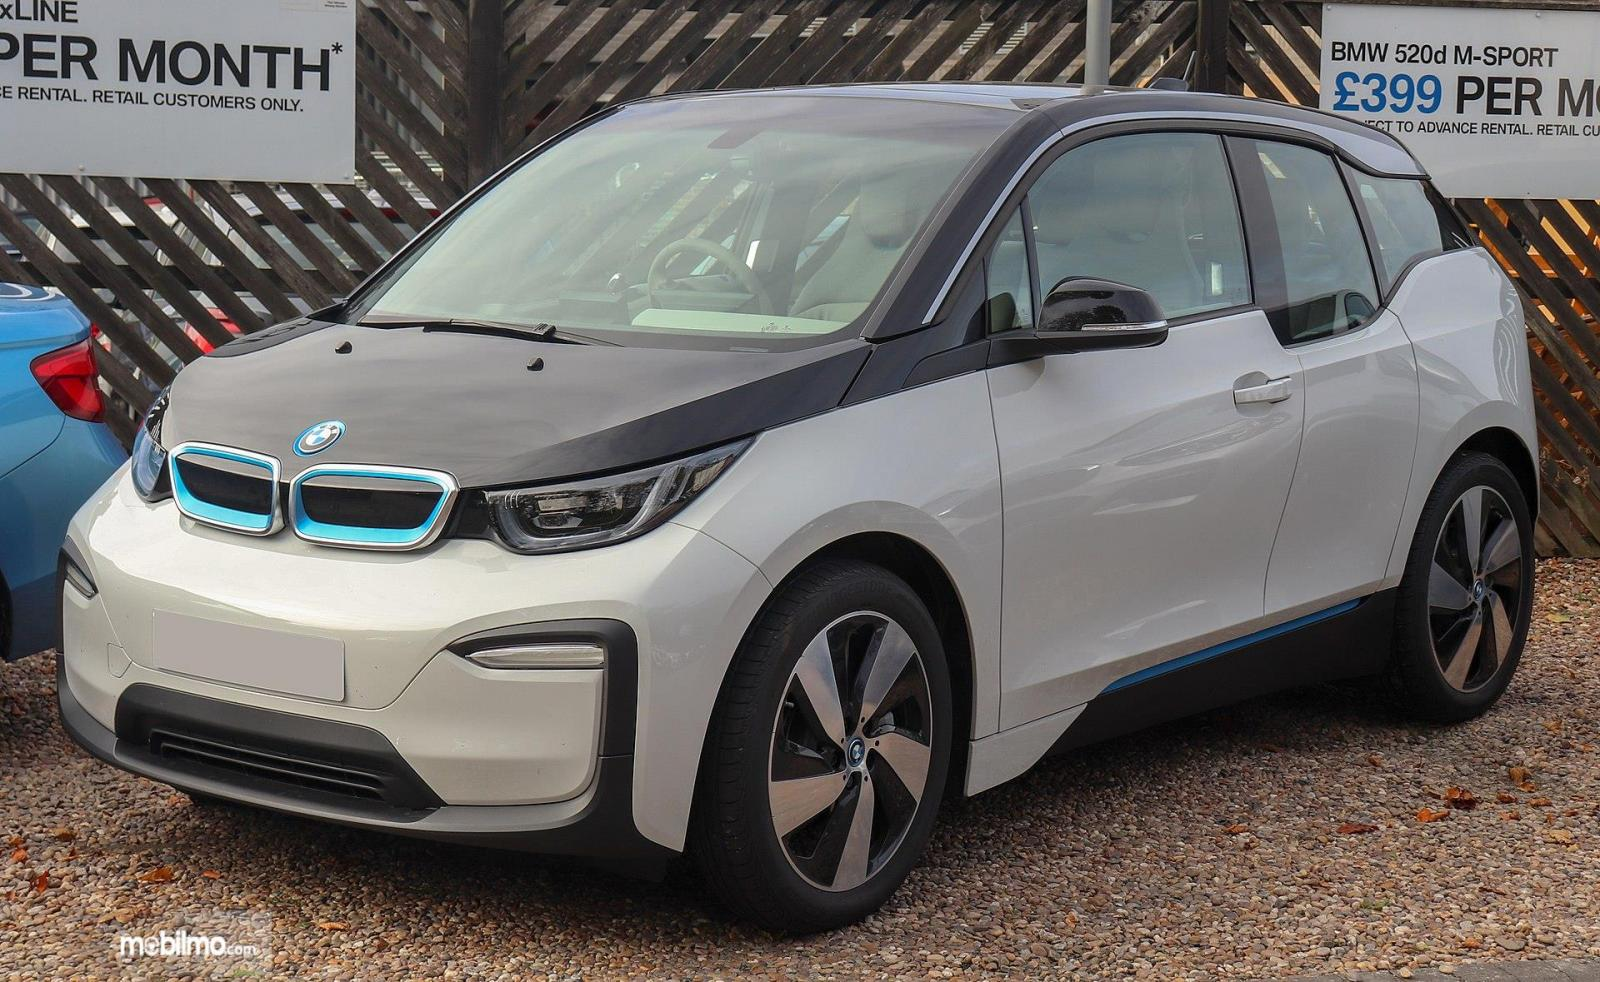 Foto menunjukkan BMW i3 tampak dari samping depan